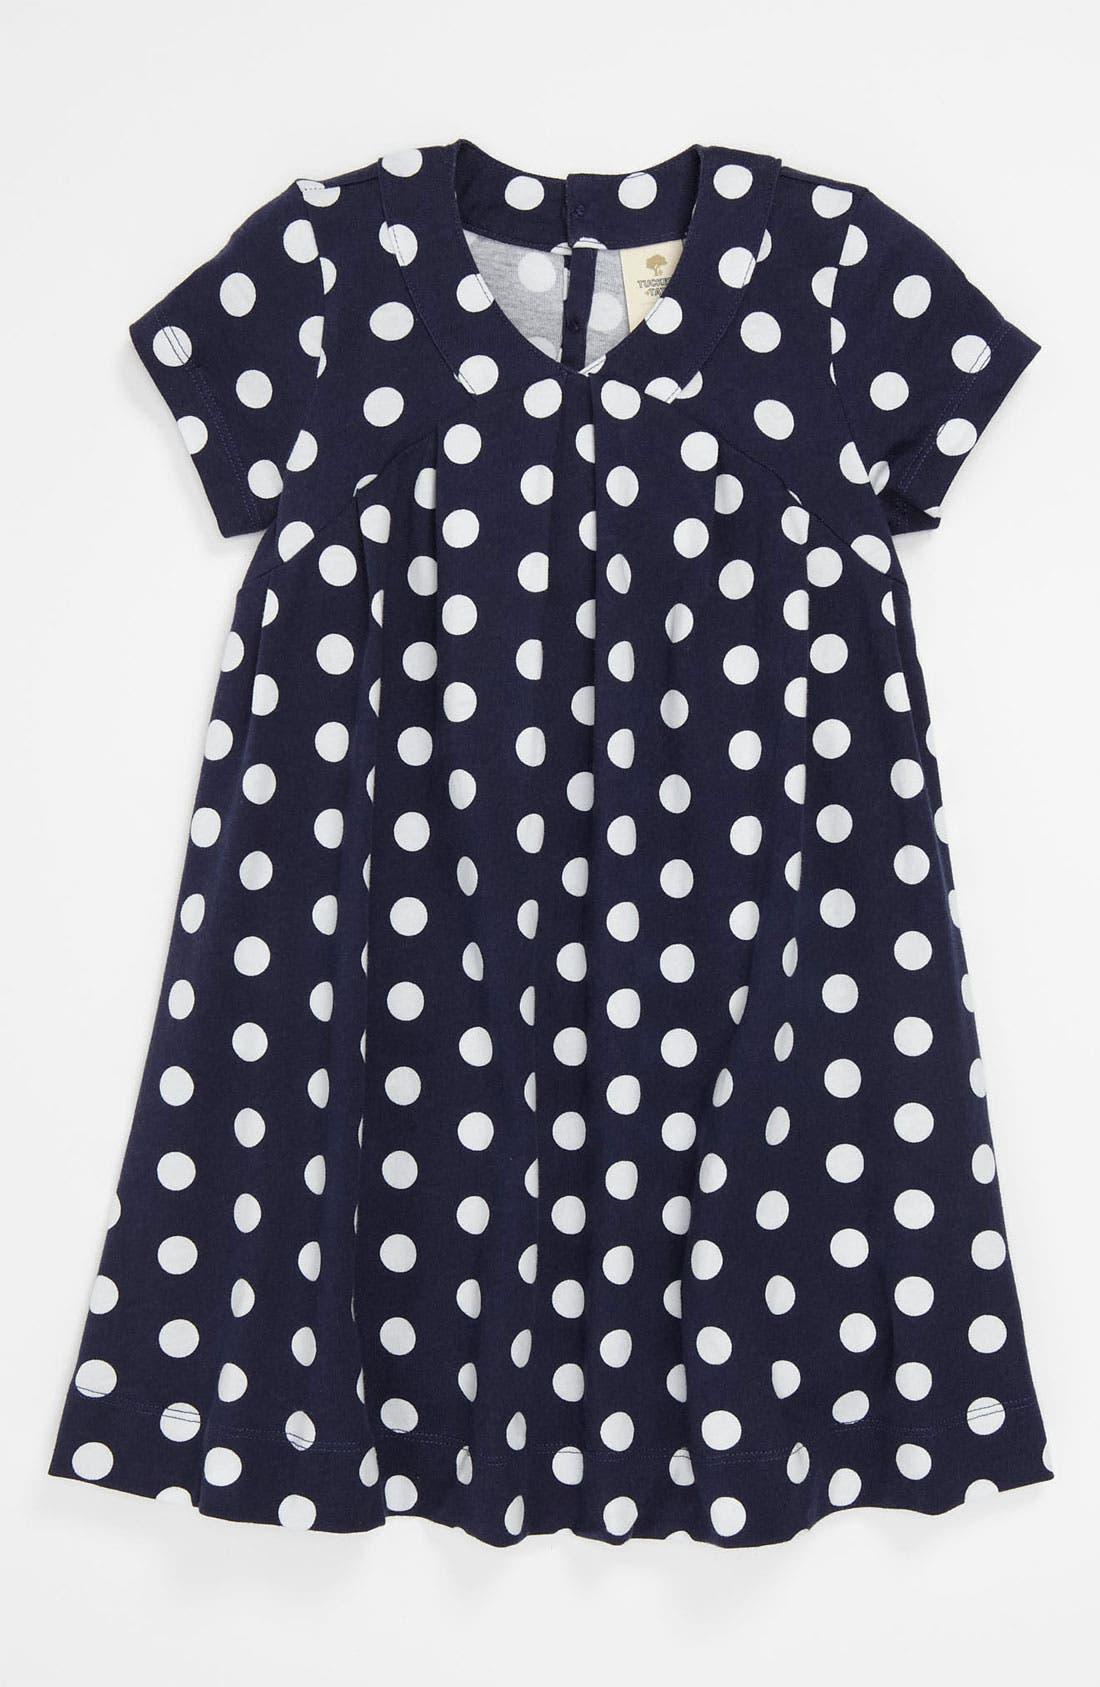 Alternate Image 1 Selected - Tucker + Tate 'Spinnaker' Knit Dress (Toddler)